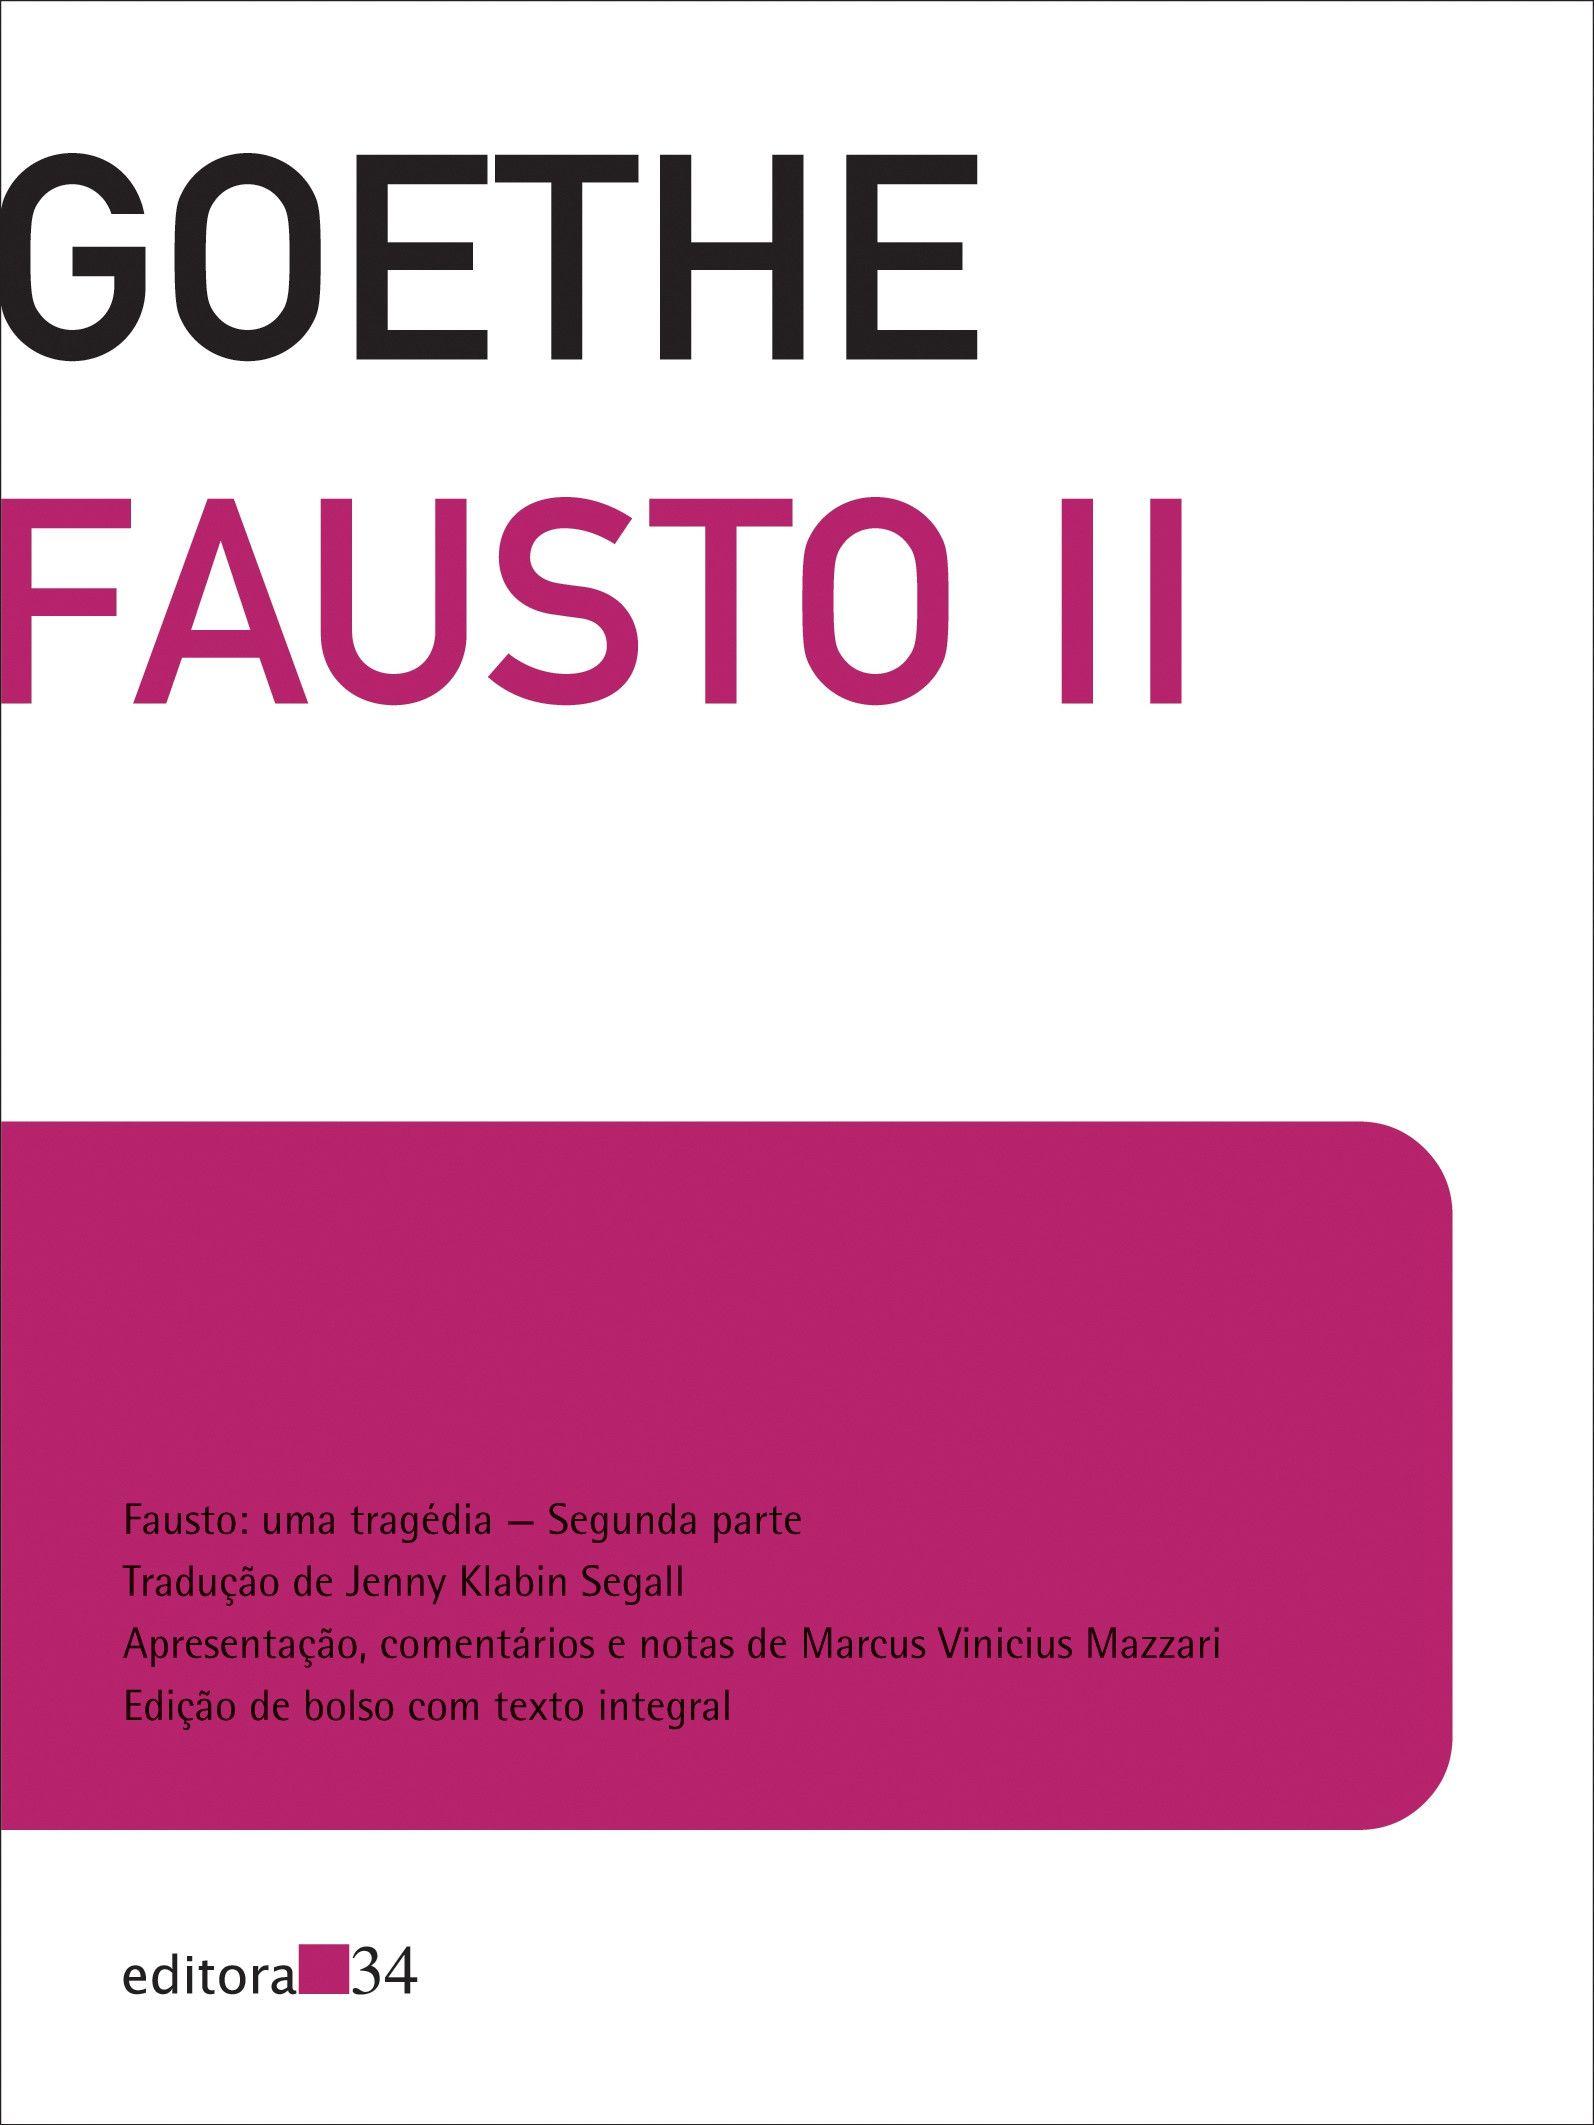 Fausto II - Edição de bolso